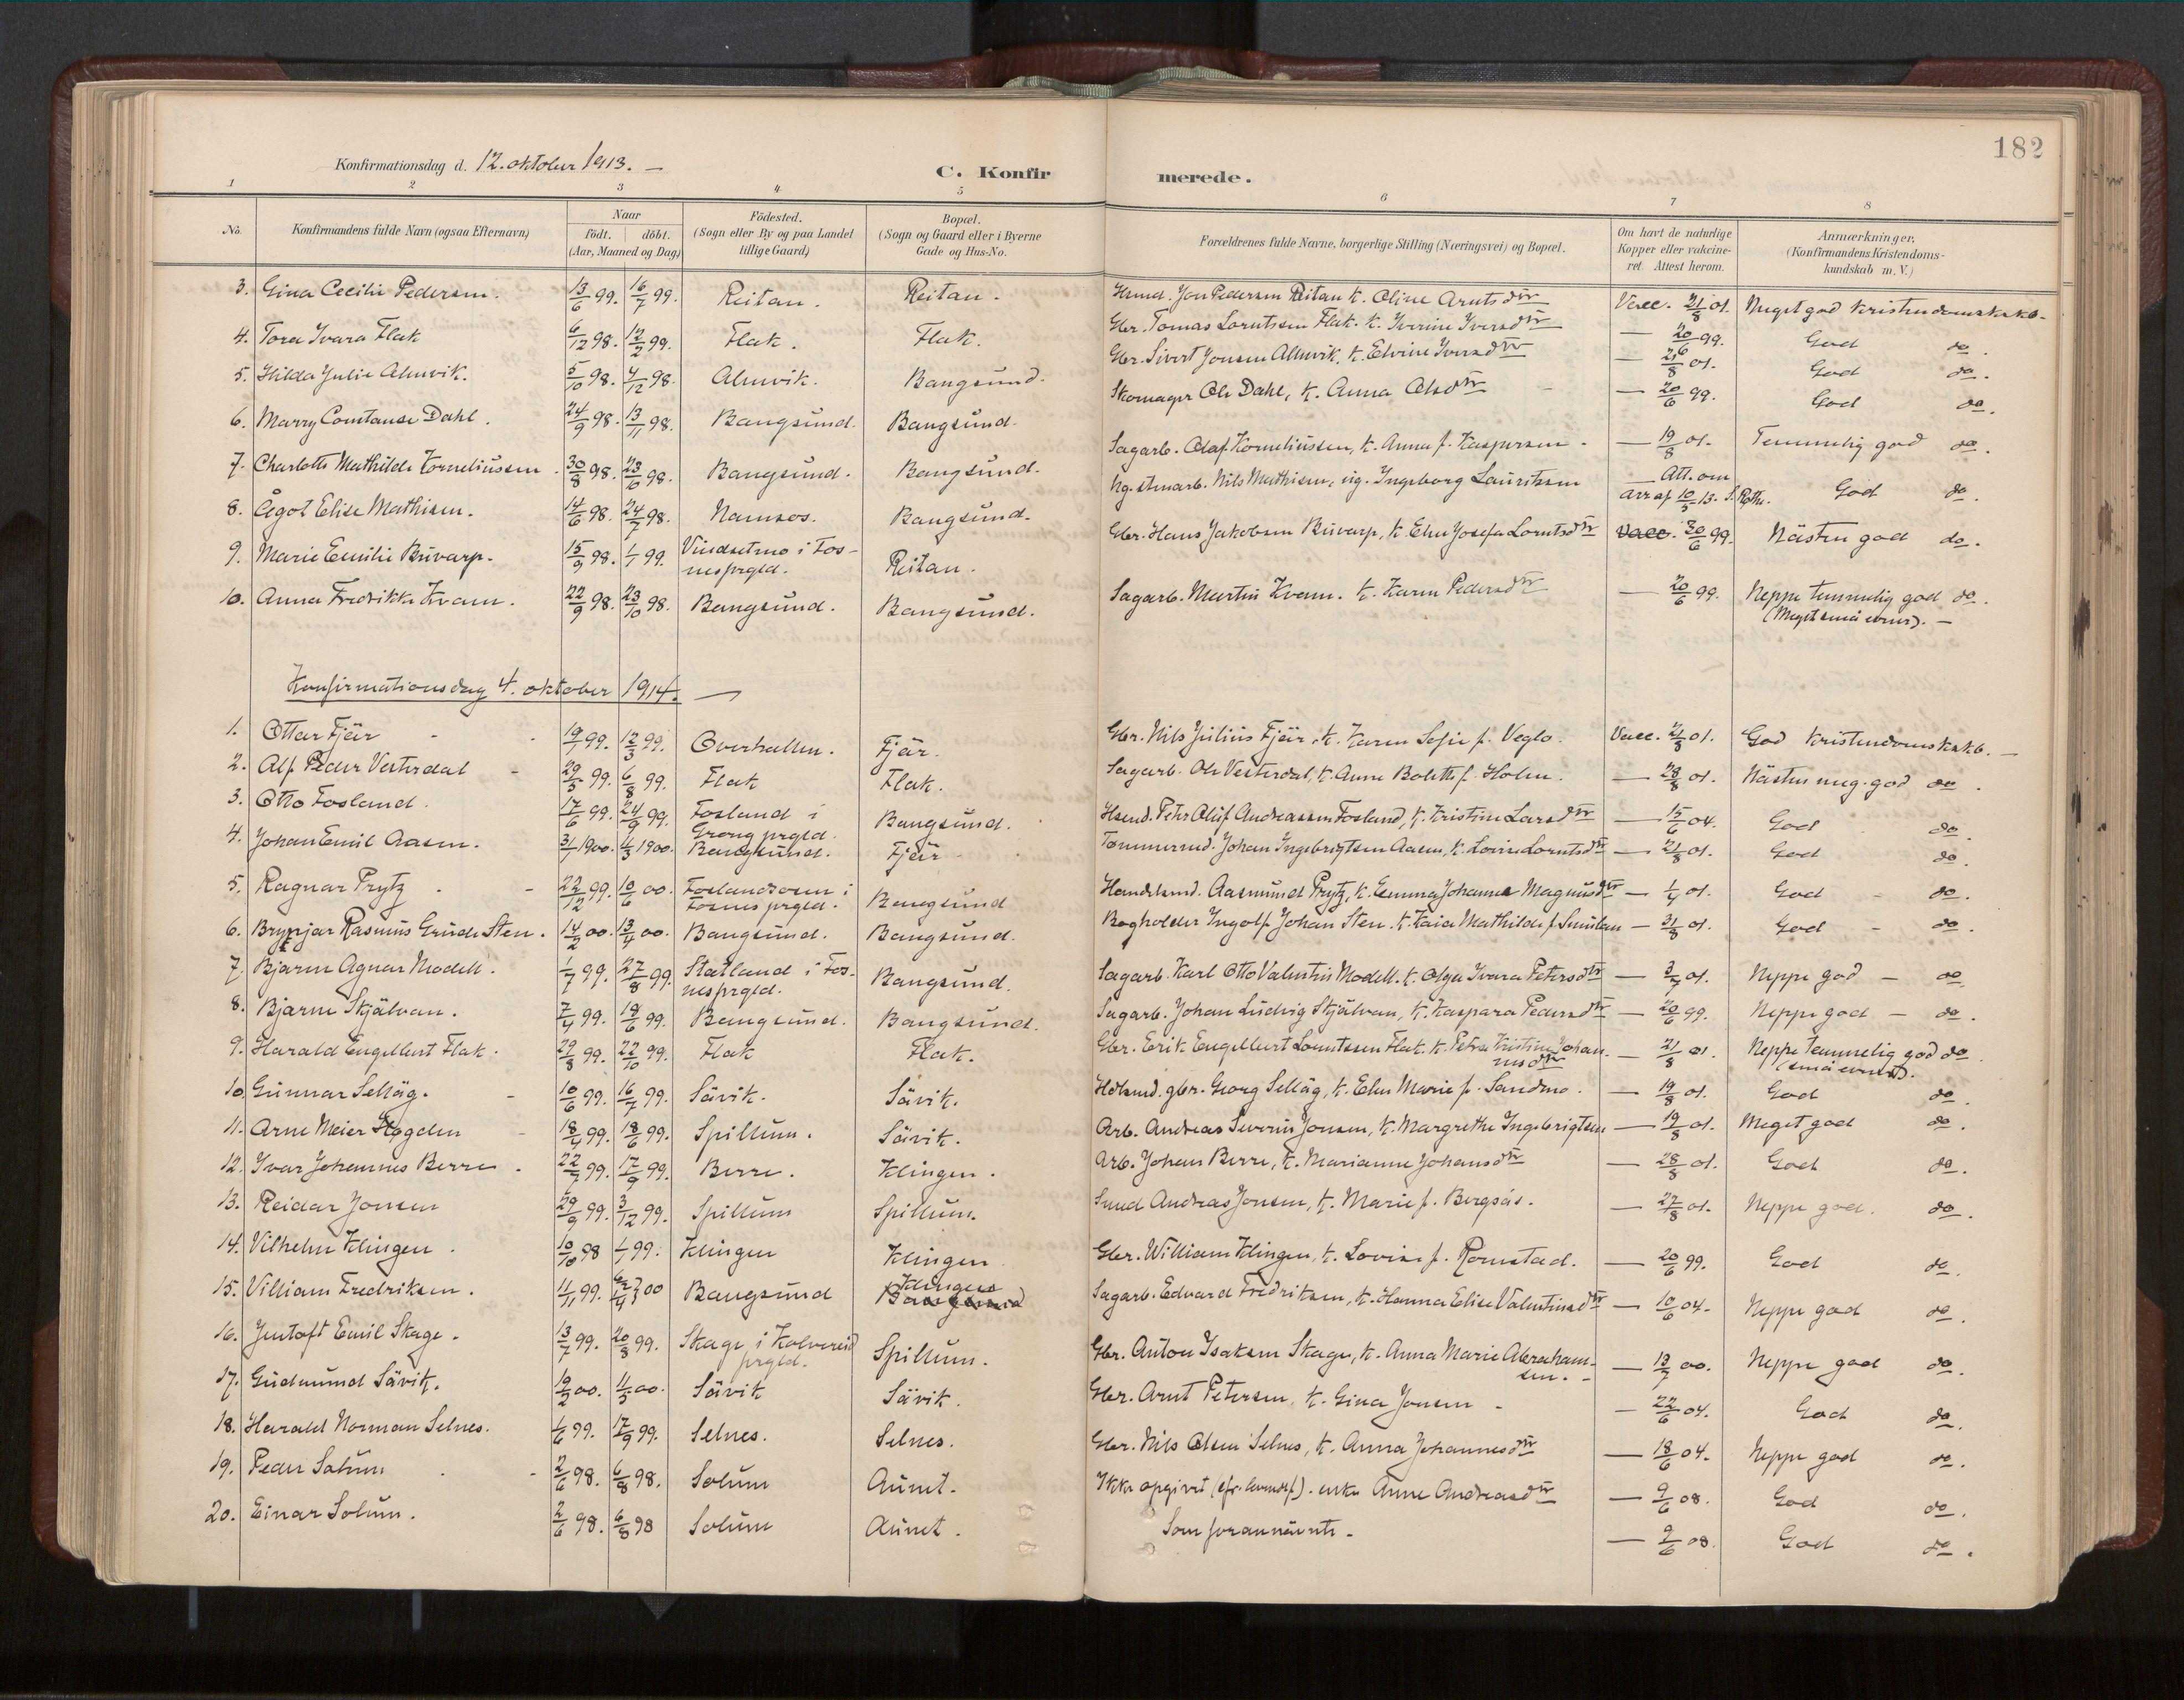 SAT, Ministerialprotokoller, klokkerbøker og fødselsregistre - Nord-Trøndelag, 770/L0589: Ministerialbok nr. 770A03, 1887-1929, s. 182